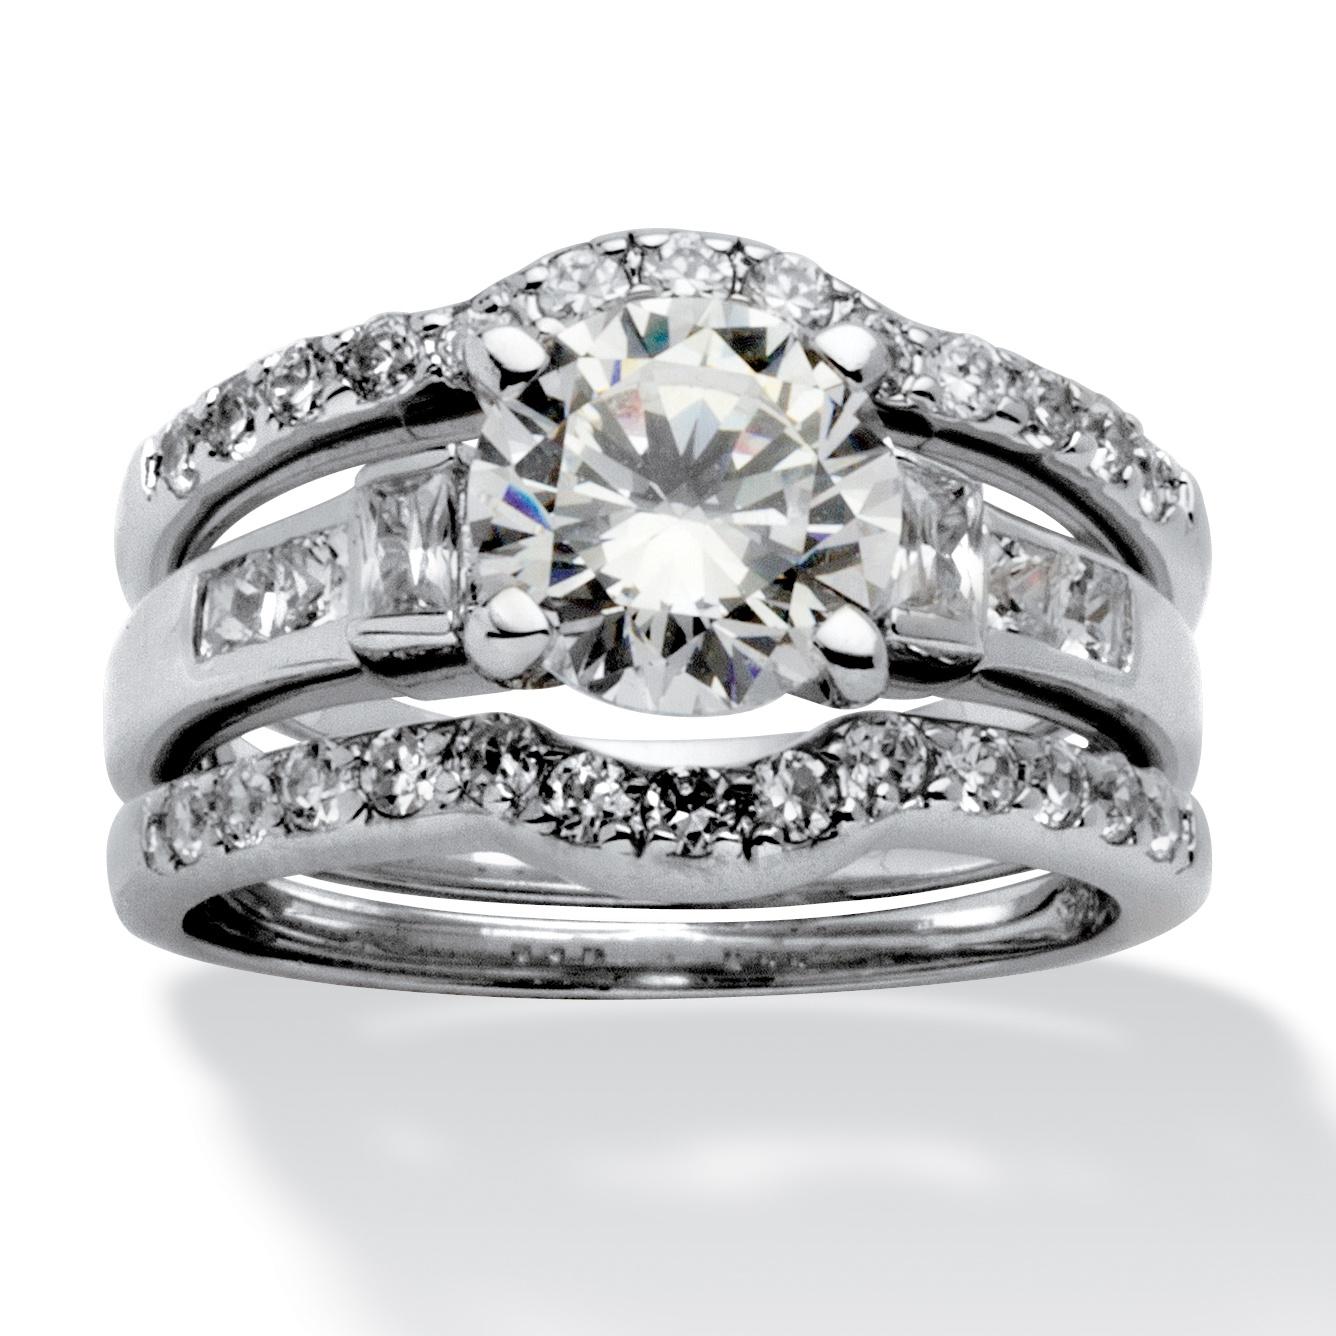 PalmBeach Jewelry 295 TCW Round Cubic Zirconia Platinum